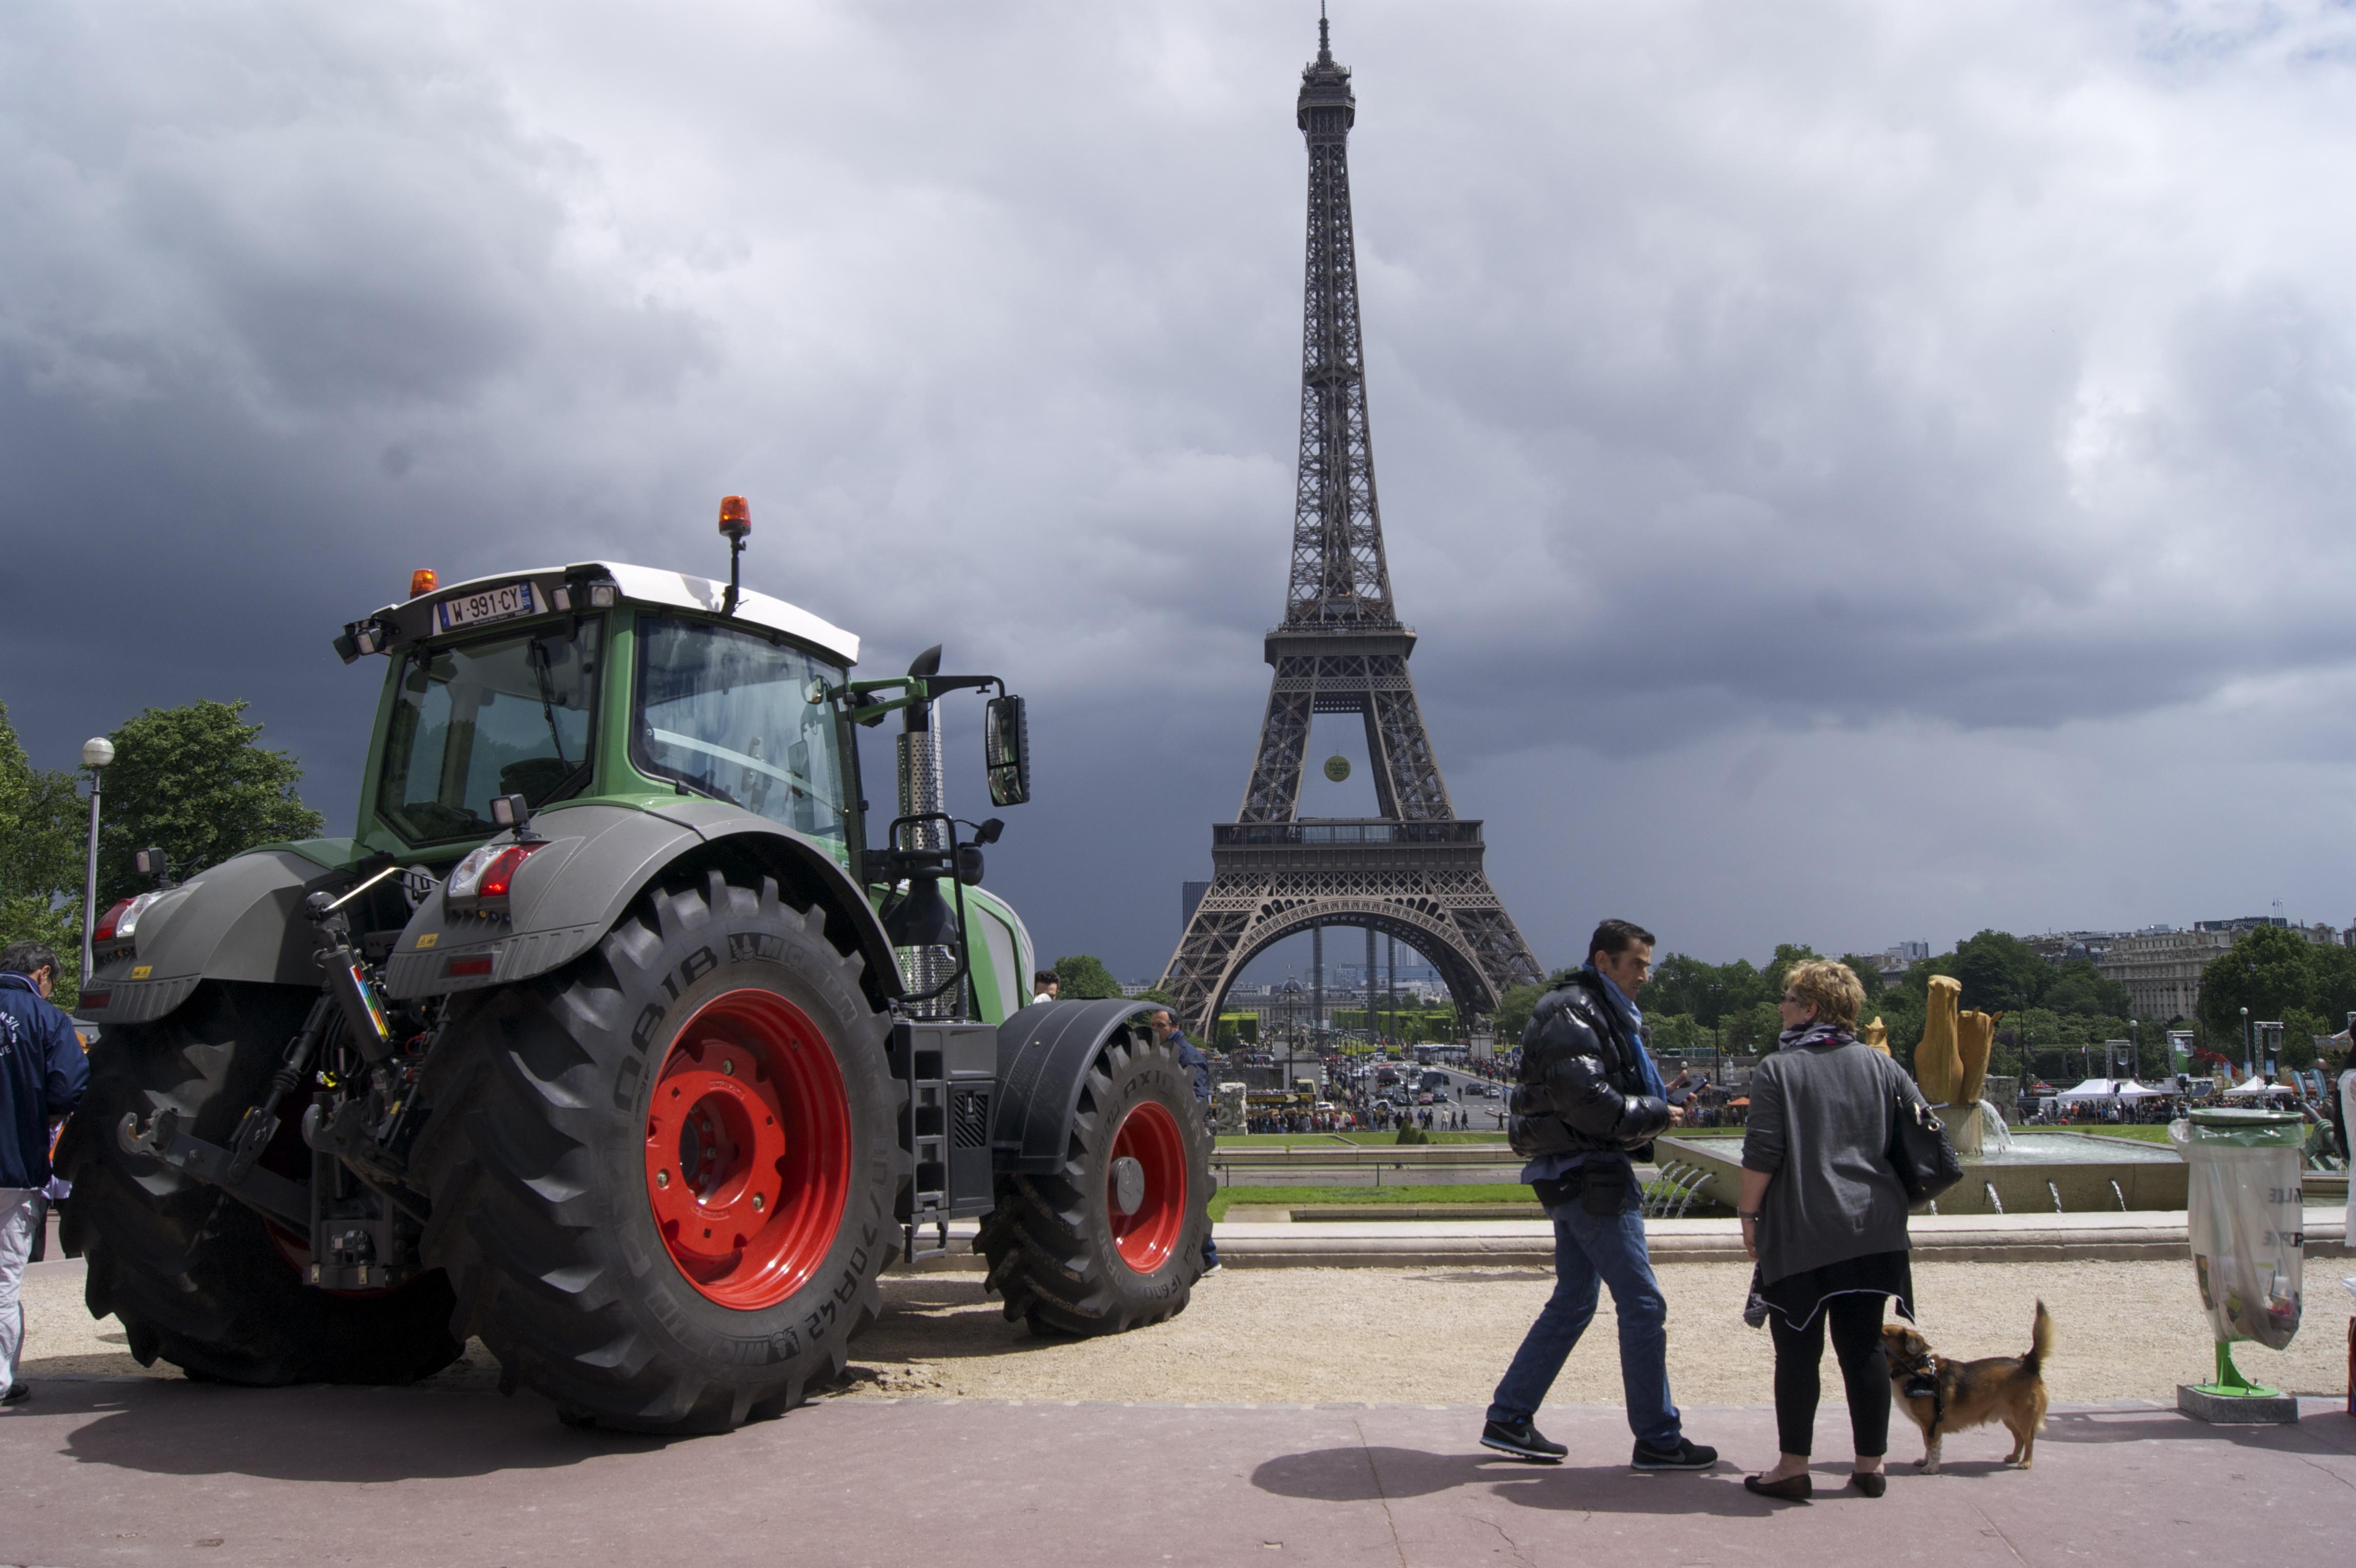 La Nuit Verte les 23 & 24 mai dans les Jardins du Trocadéro